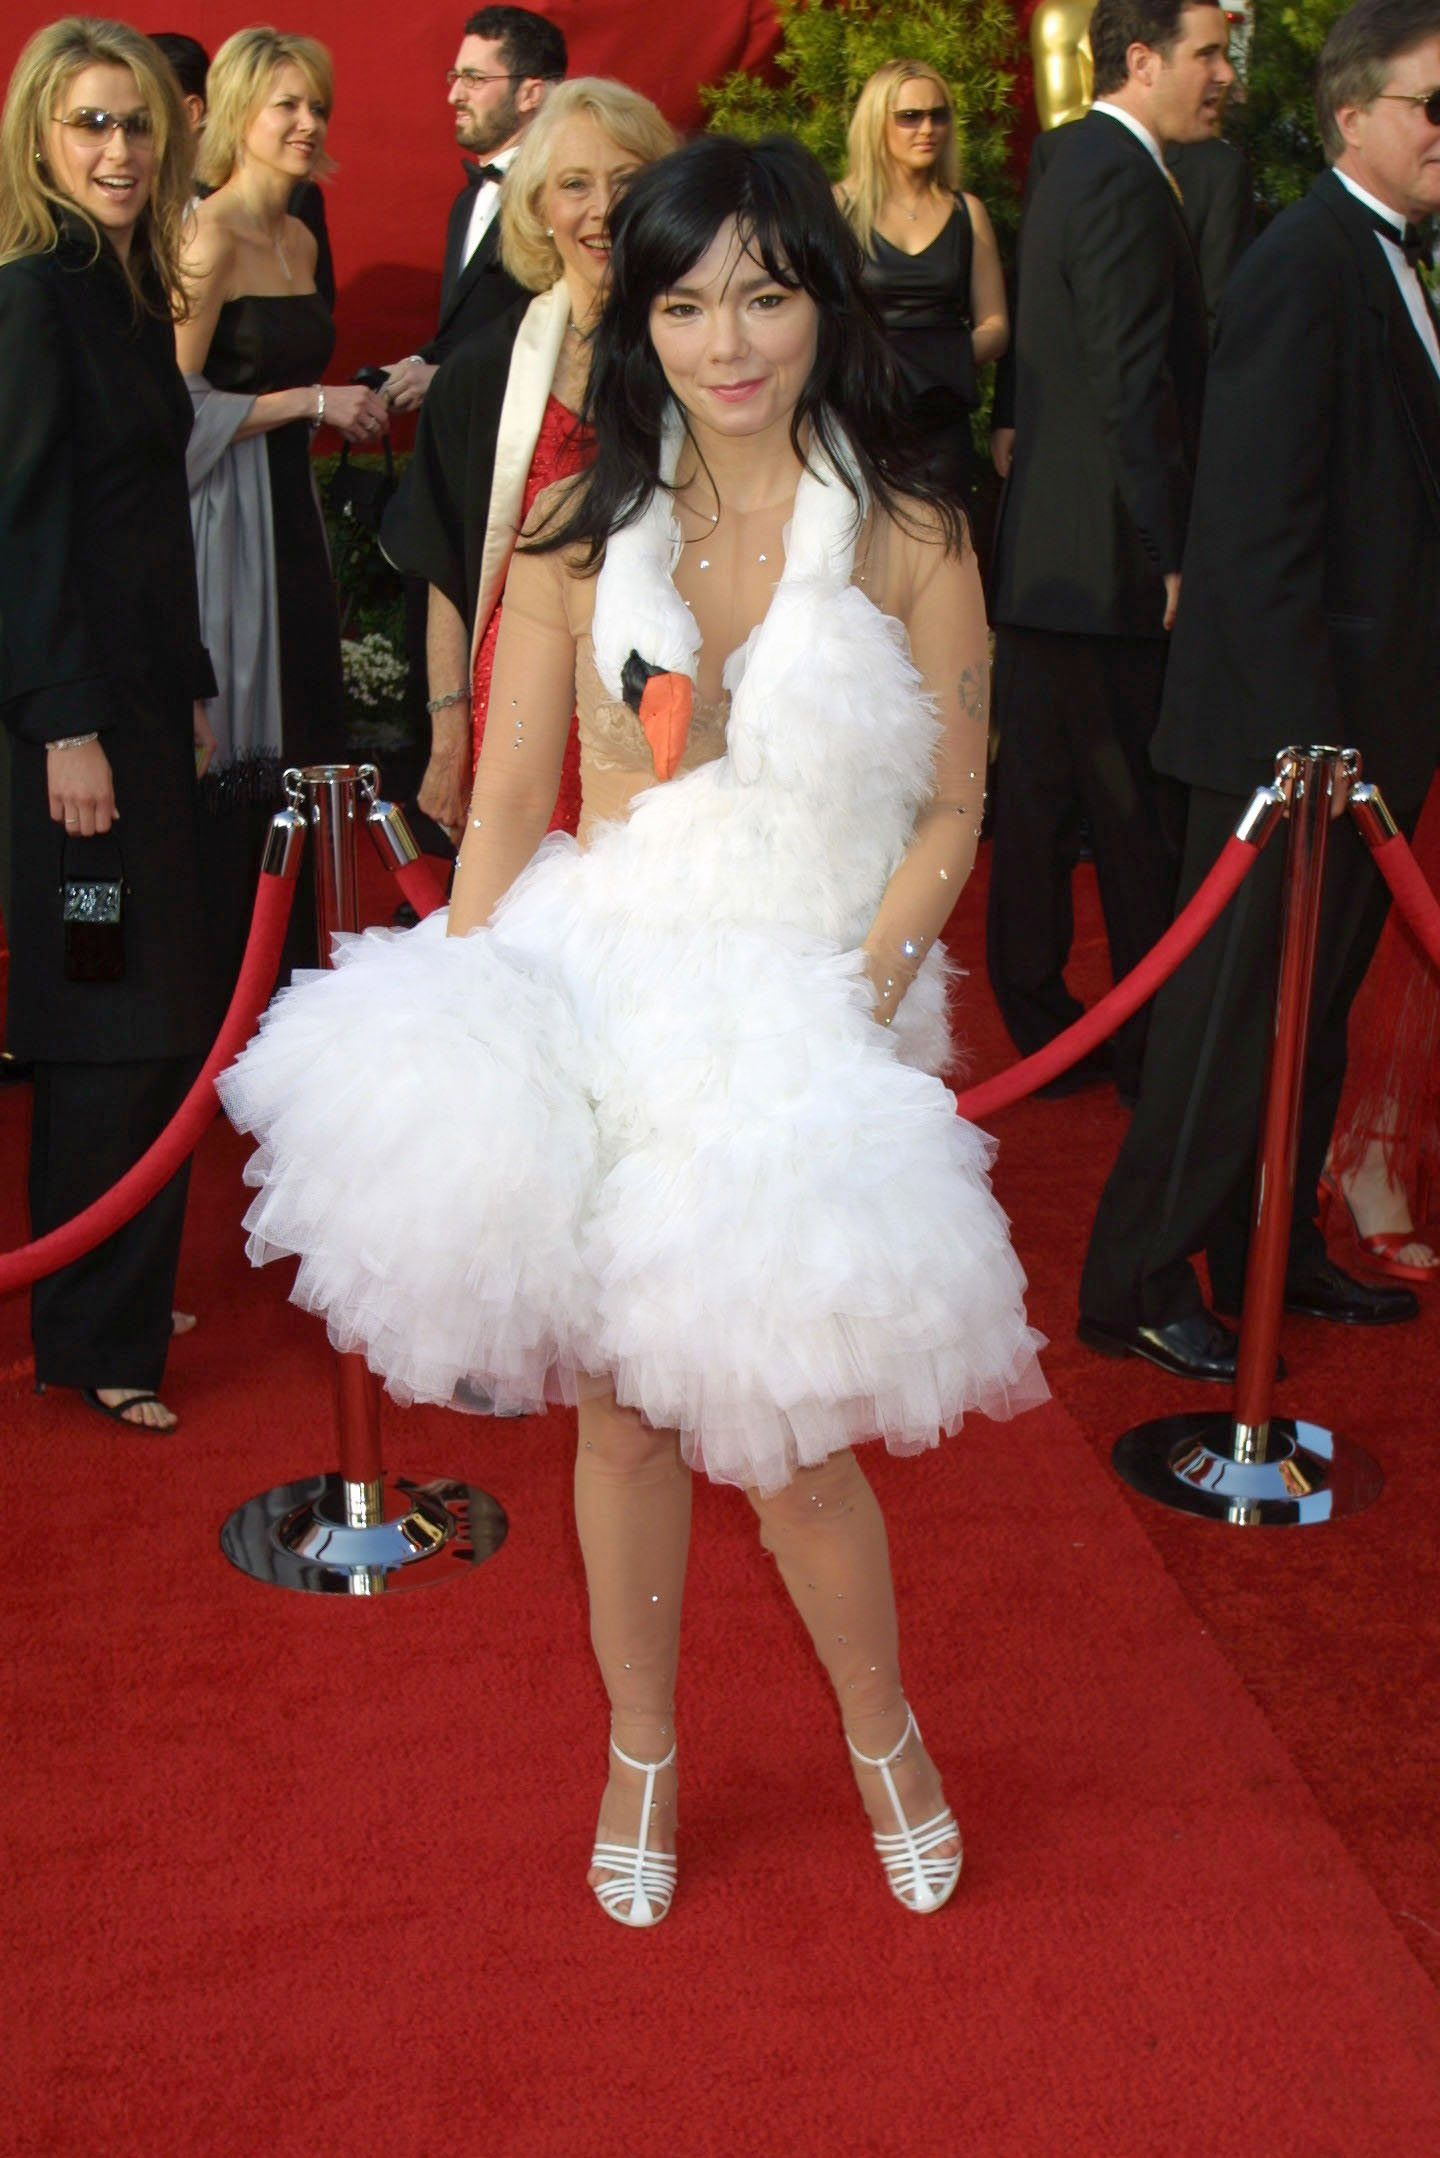 Hace 20 años, Björk sacudió la alfombra roja de los Oscars con este icónico vestido